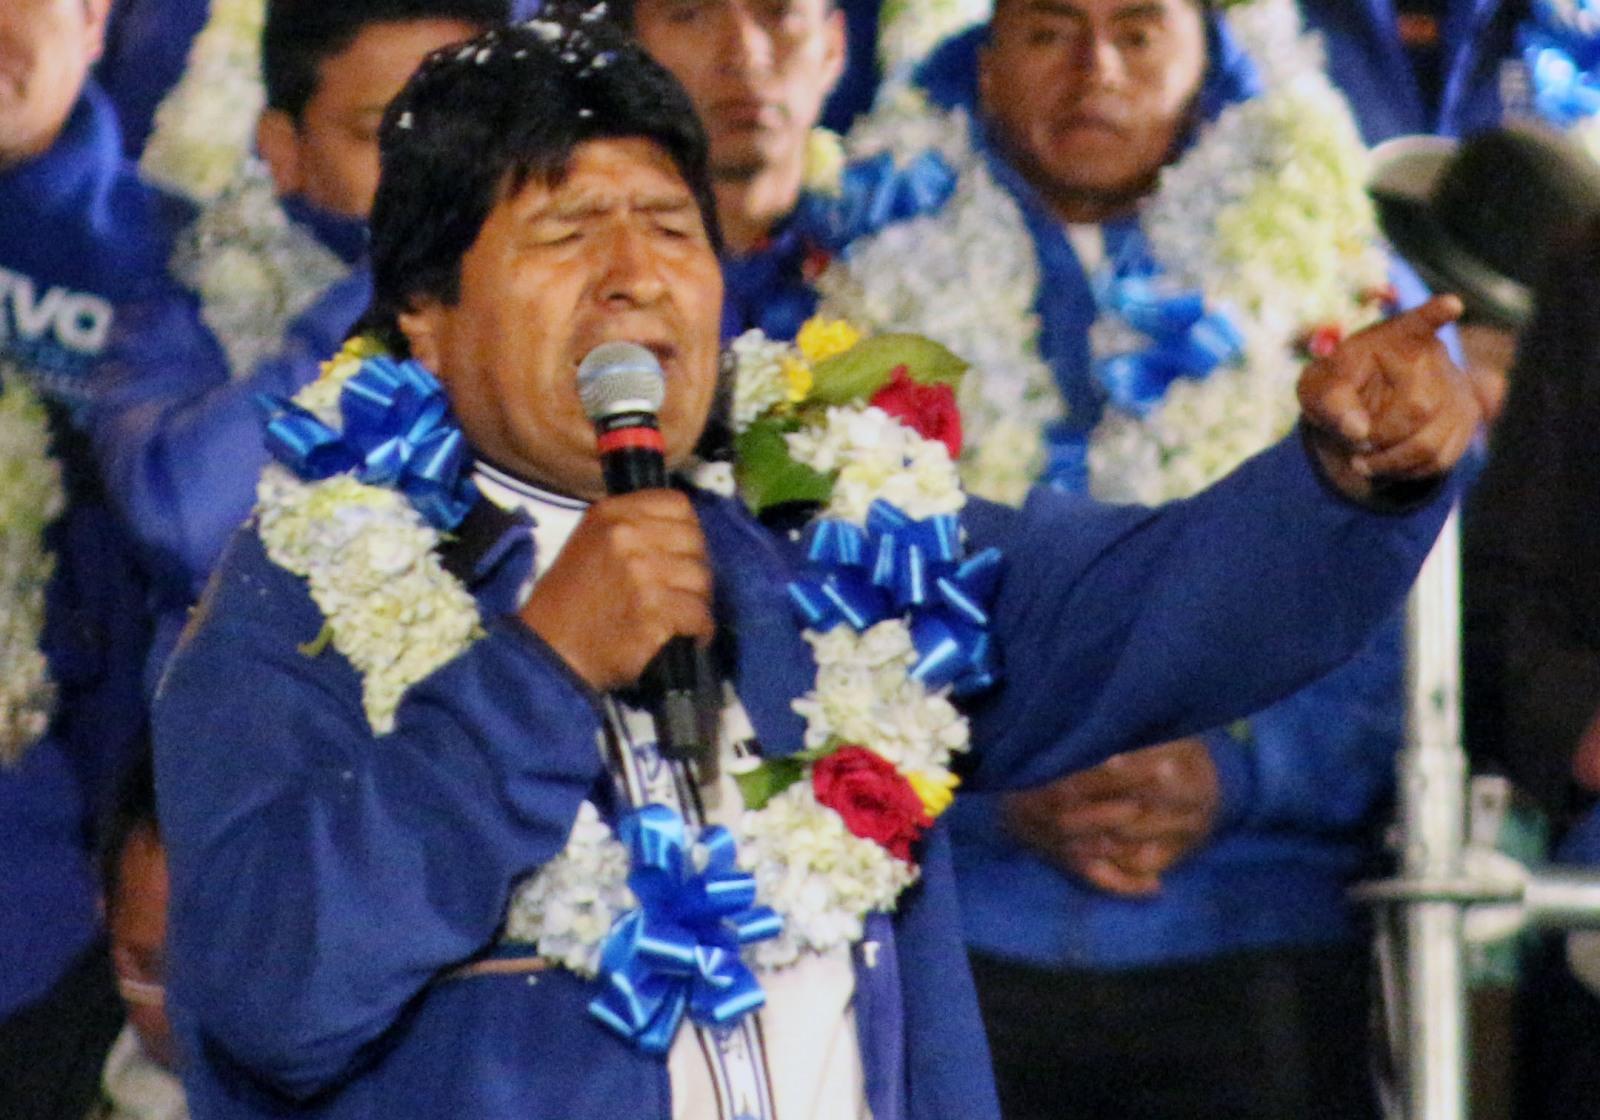 Daniel Giovanaz, de Santa Cruz de la Sierra: Evo sobe o tom, acusa oposição e militares de planejarem um golpe caso ele vença; vídeo